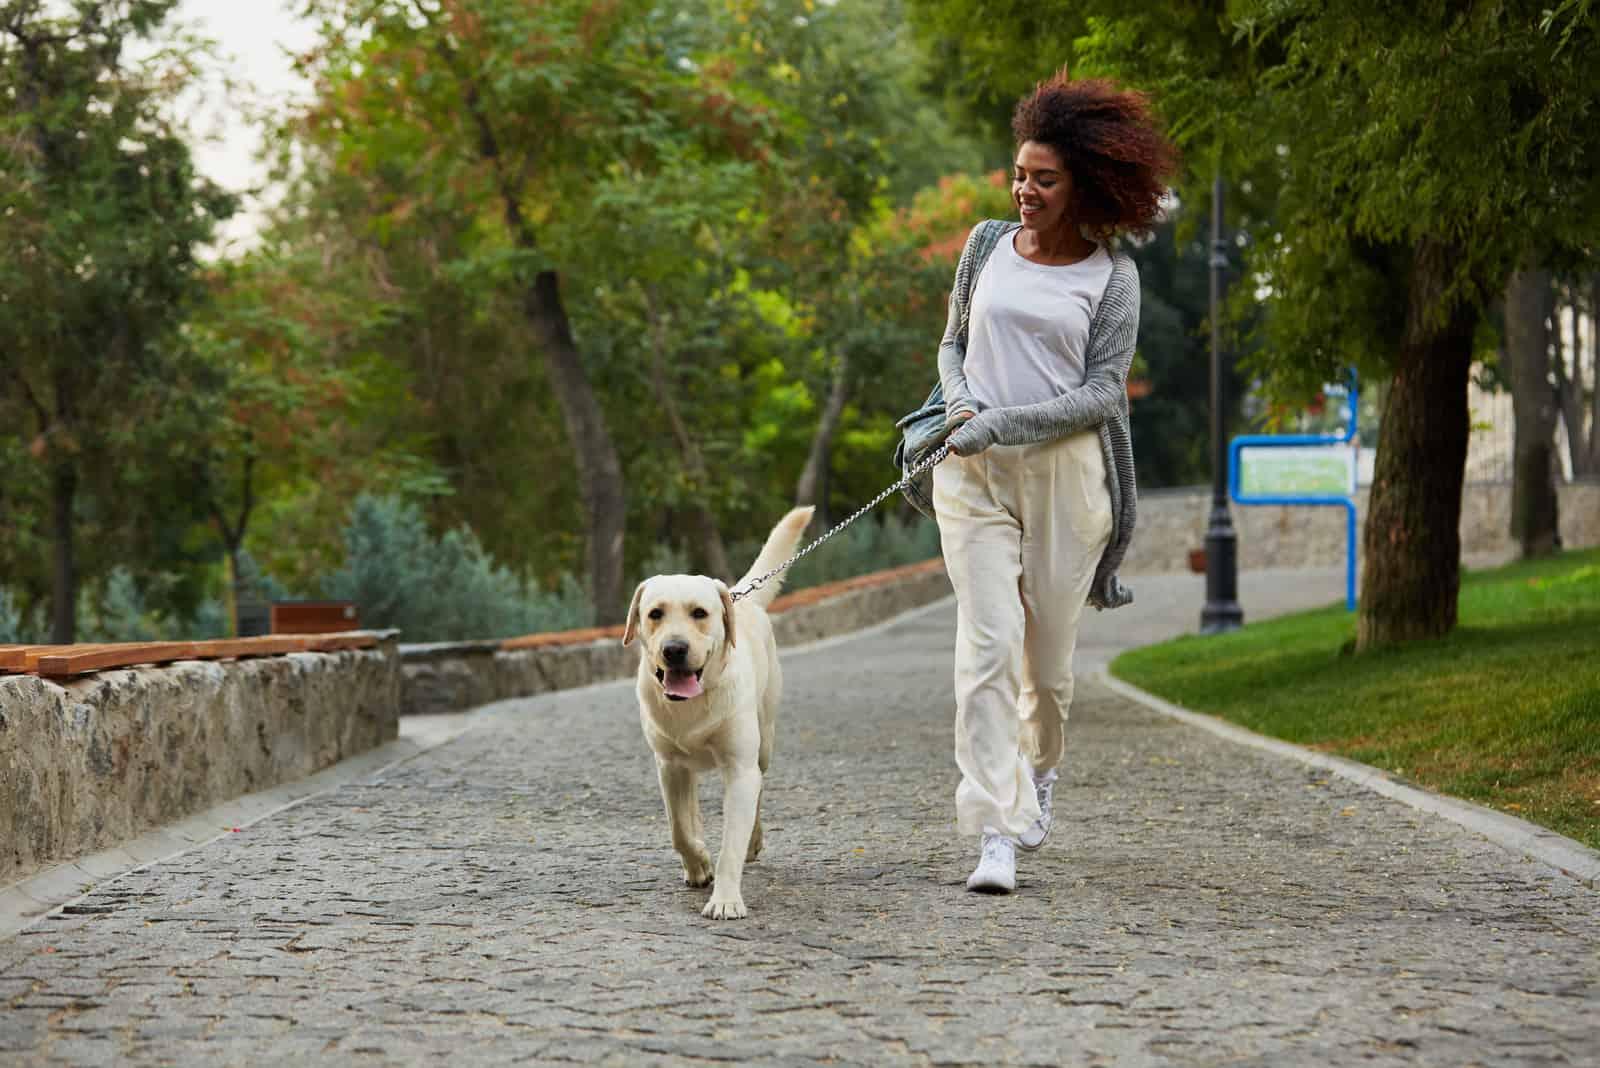 une femme souriante s'installe avec un chien